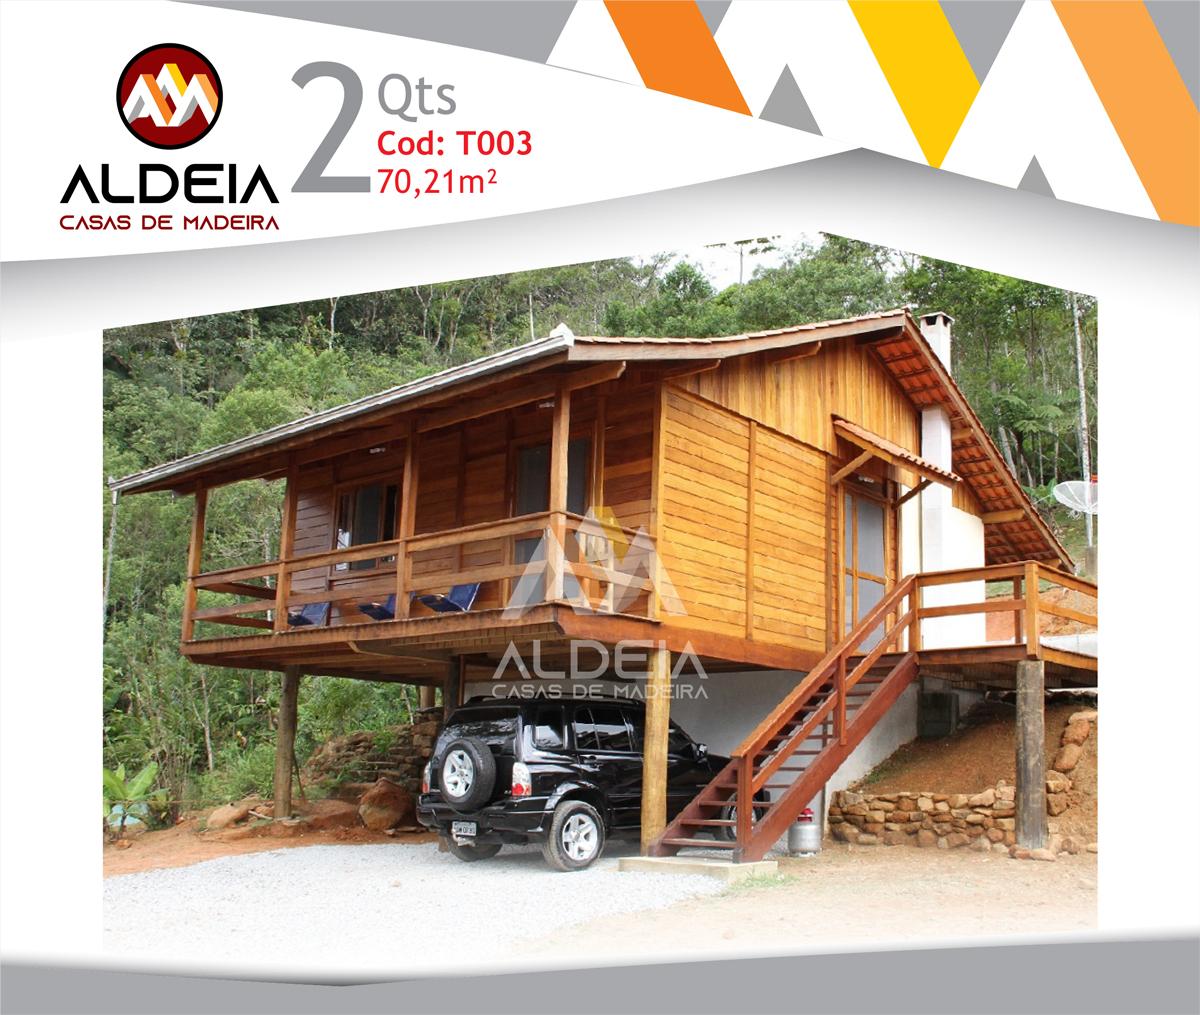 aldeia-casas-madeira-fachada-T003